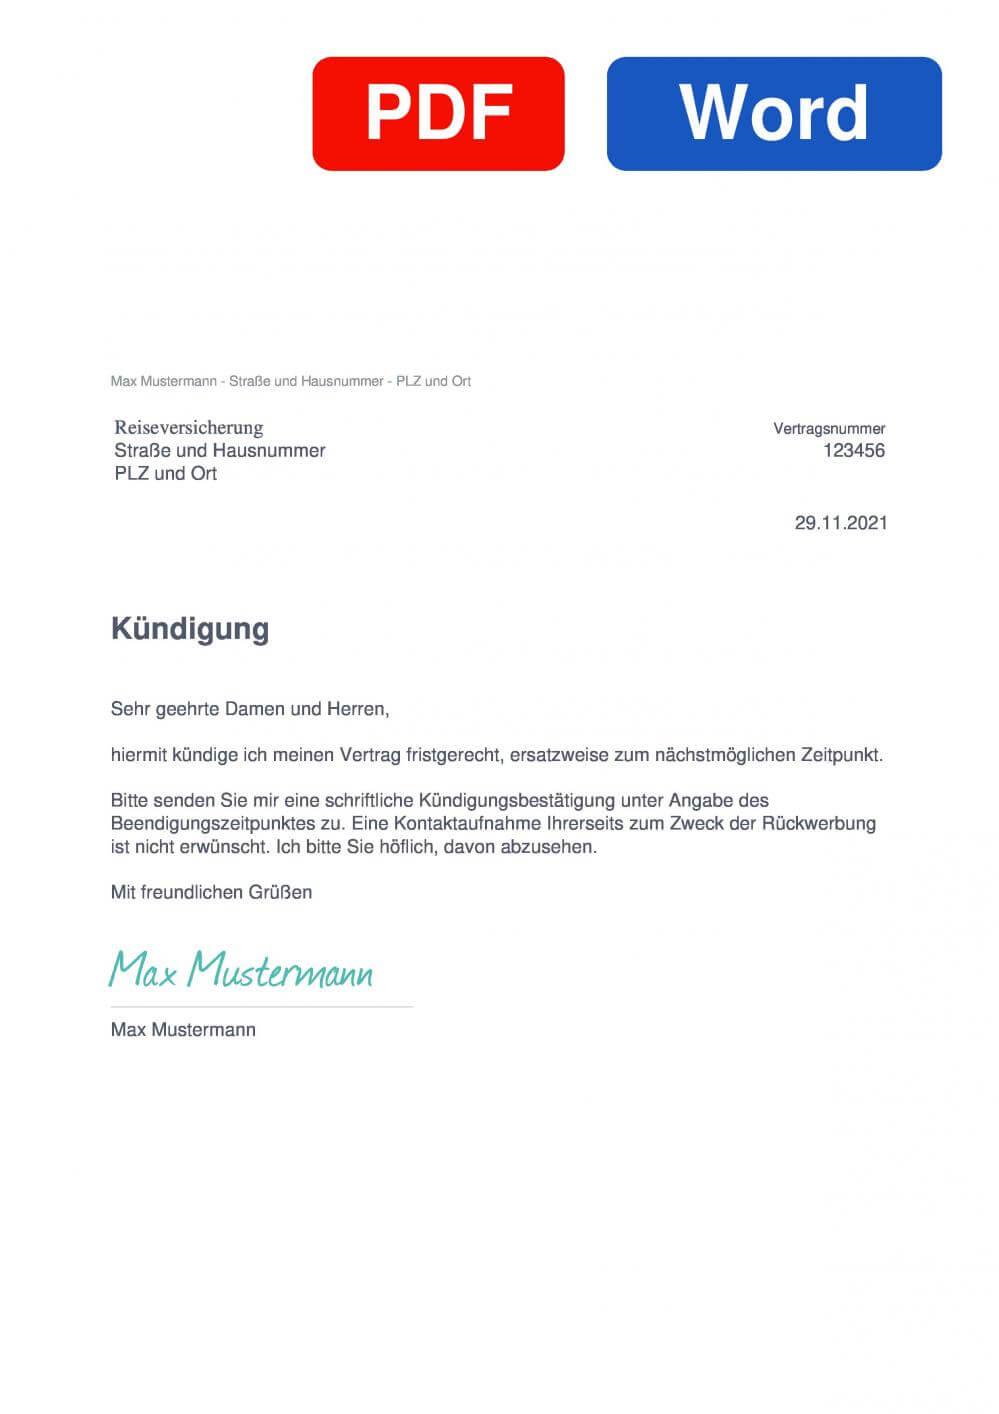 Reiseversicherung Muster Vorlage für Kündigungsschreiben